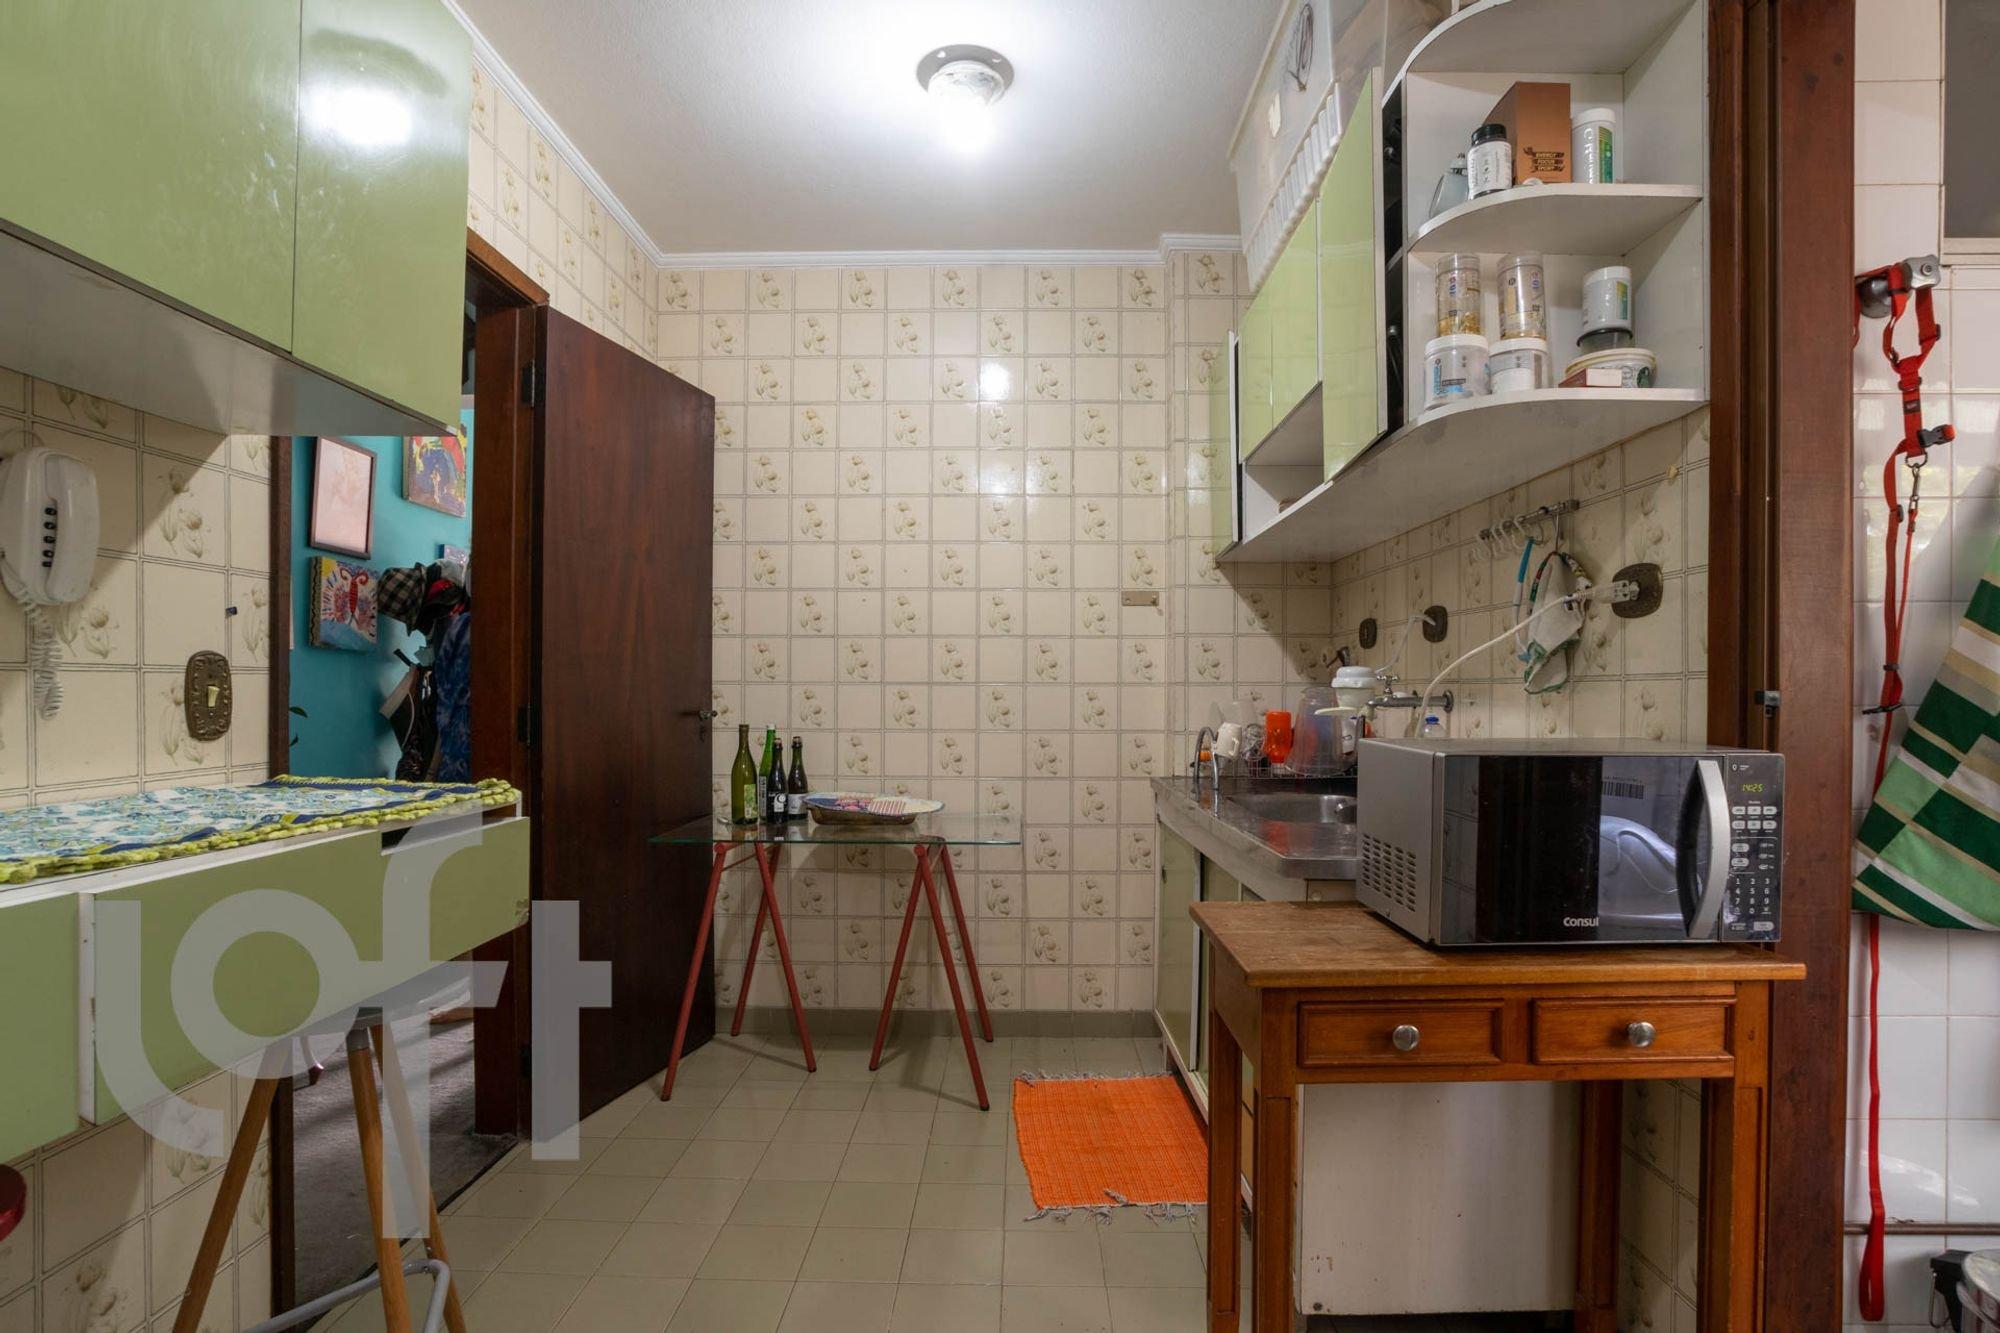 Foto de Cozinha com microondas, garrafa, xícara